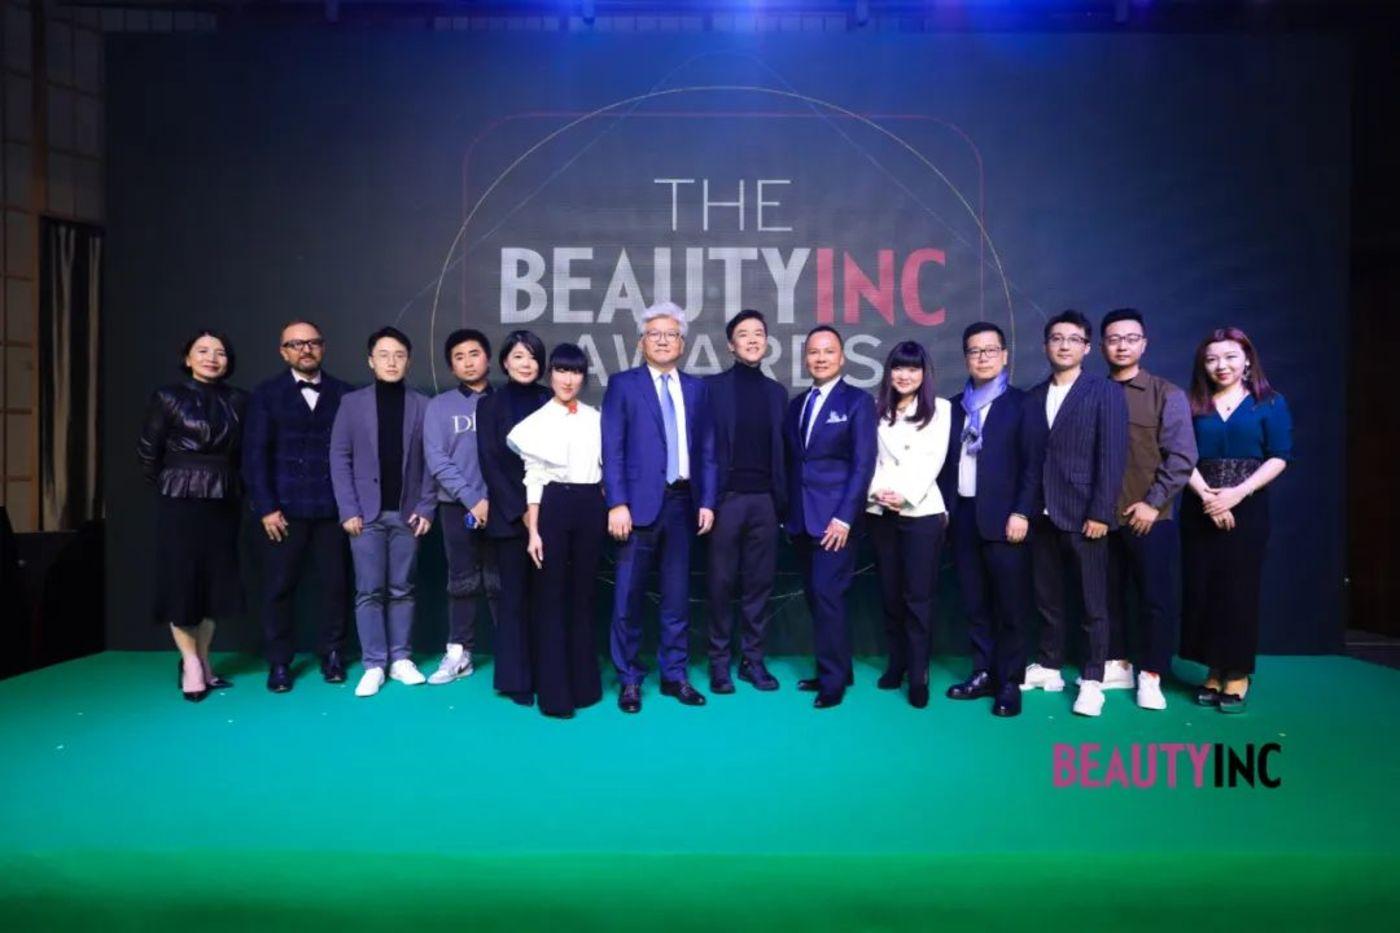 第二届 BEAUTYINC AWARDS 国际美妆产业大赏颁奖典礼暨 Beauty For Future 美之明日高峰论坛现场